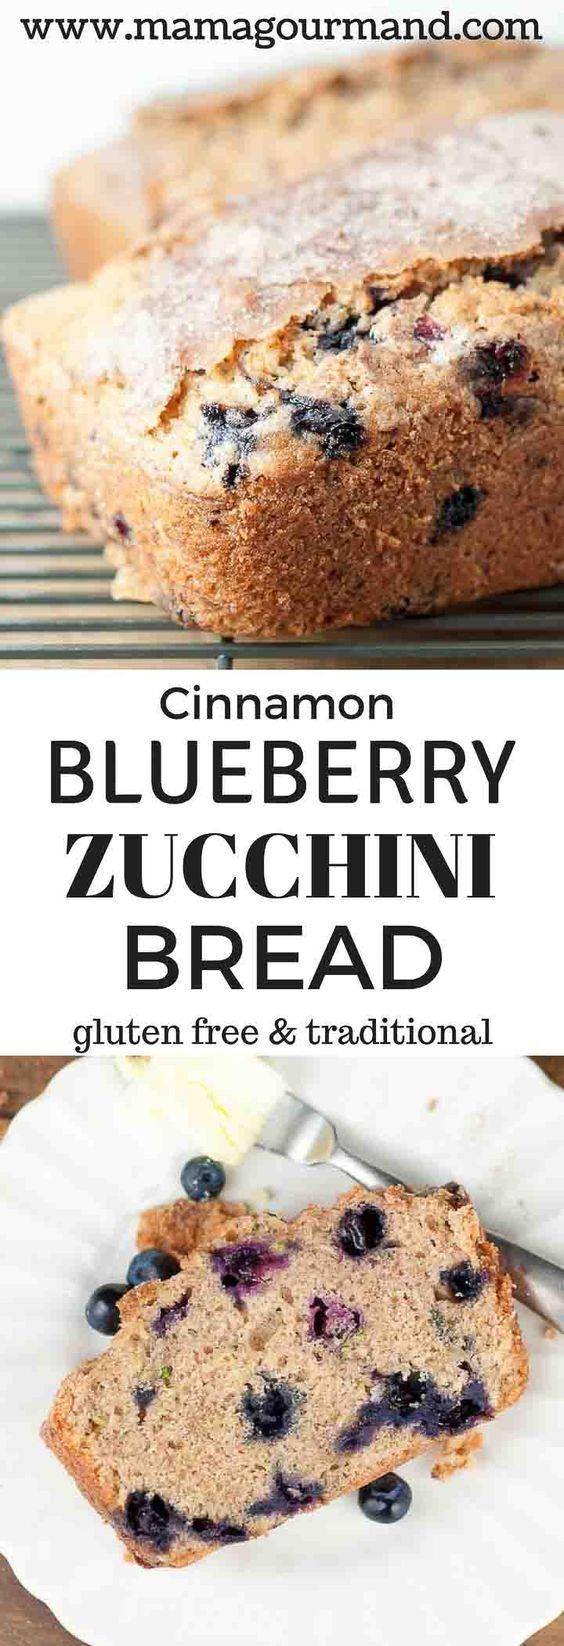 Blueberry Zucchini Bread | Recipe | Best bread recipe ...